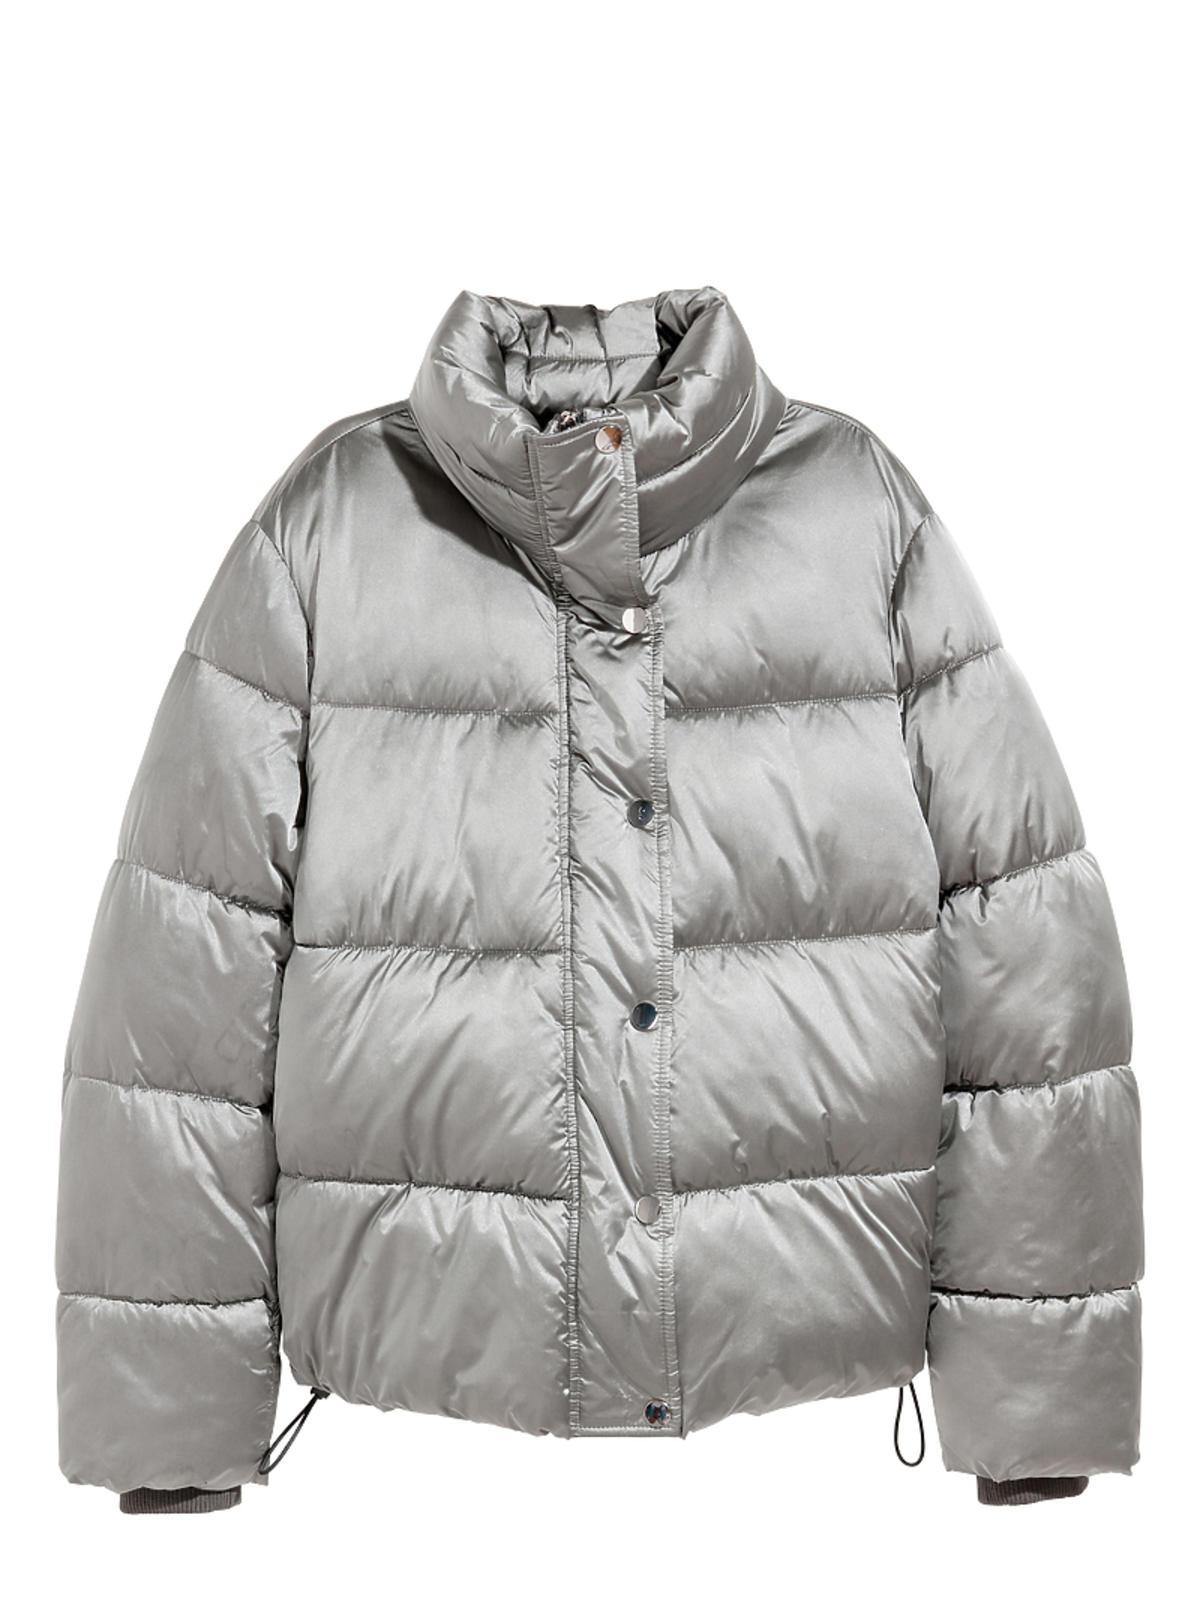 srebrna kurtka puchowa z H&M